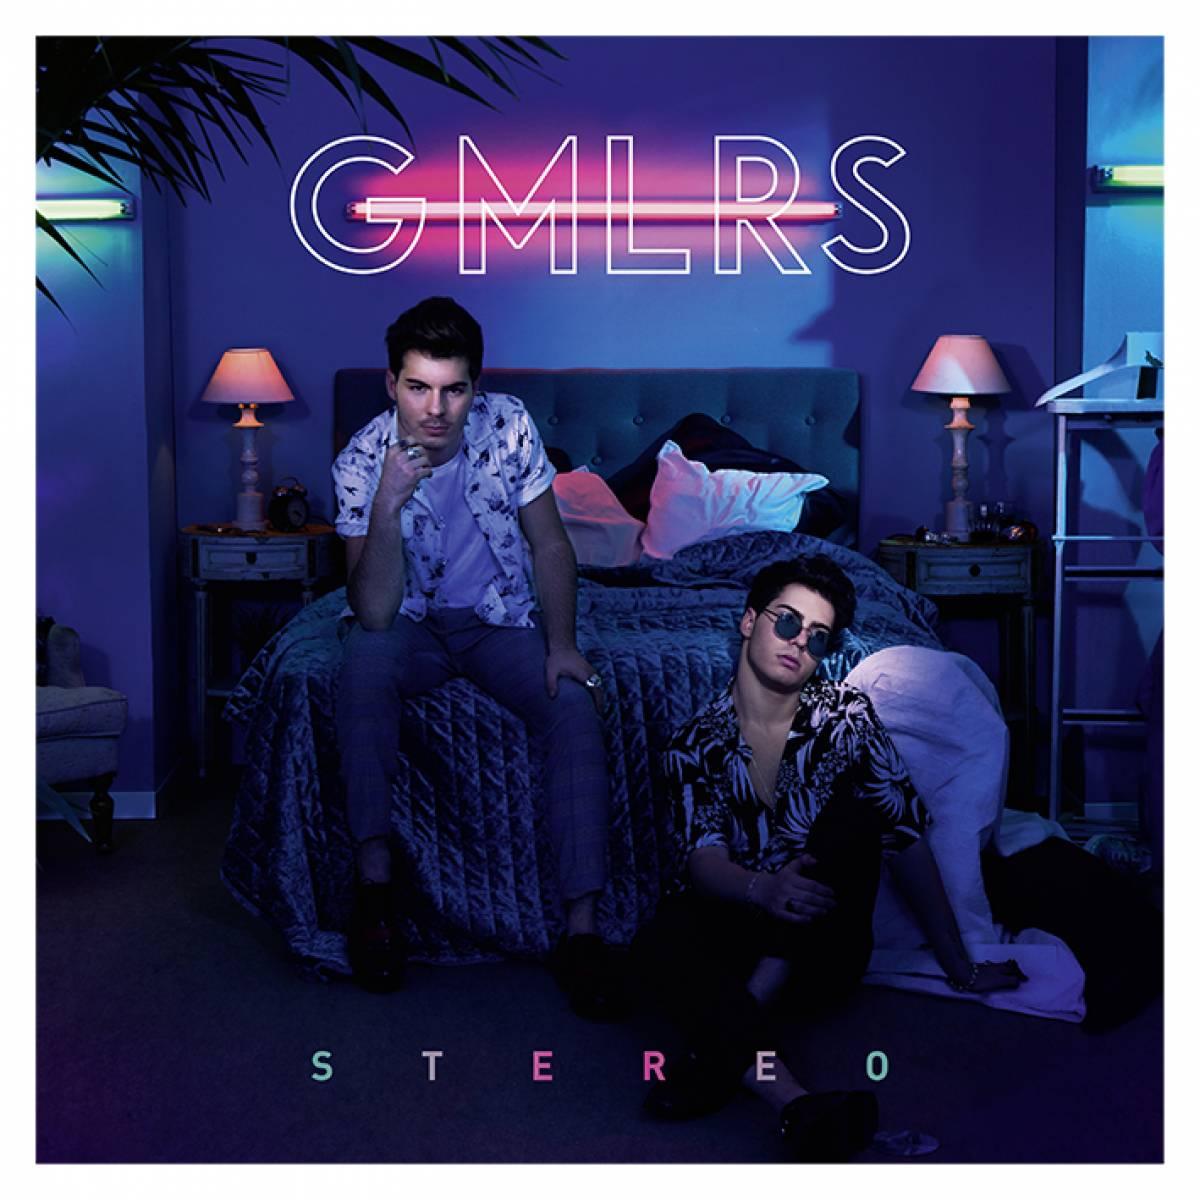 Gemeliers presentan Stereo en Málaga